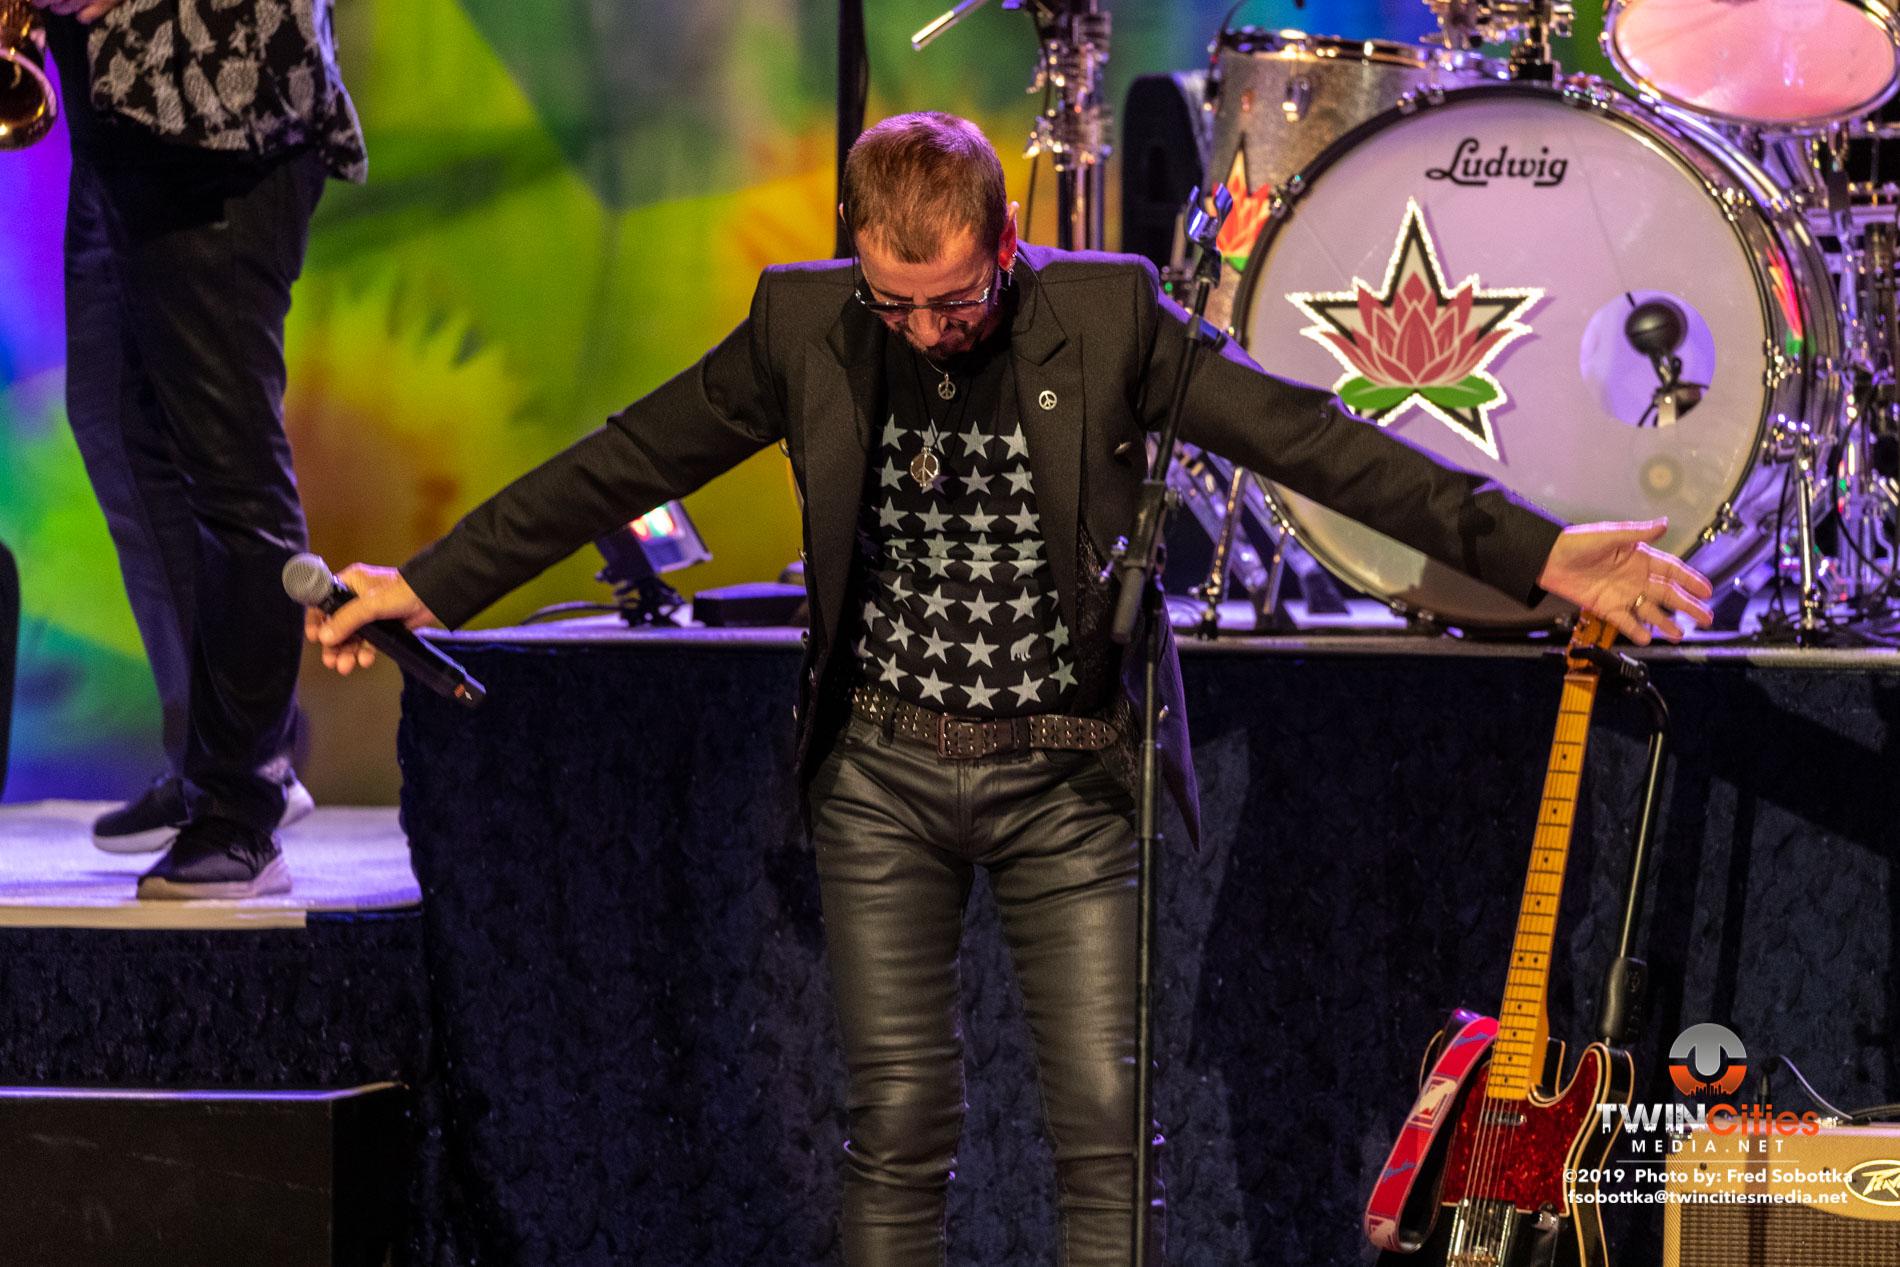 Ringo-16